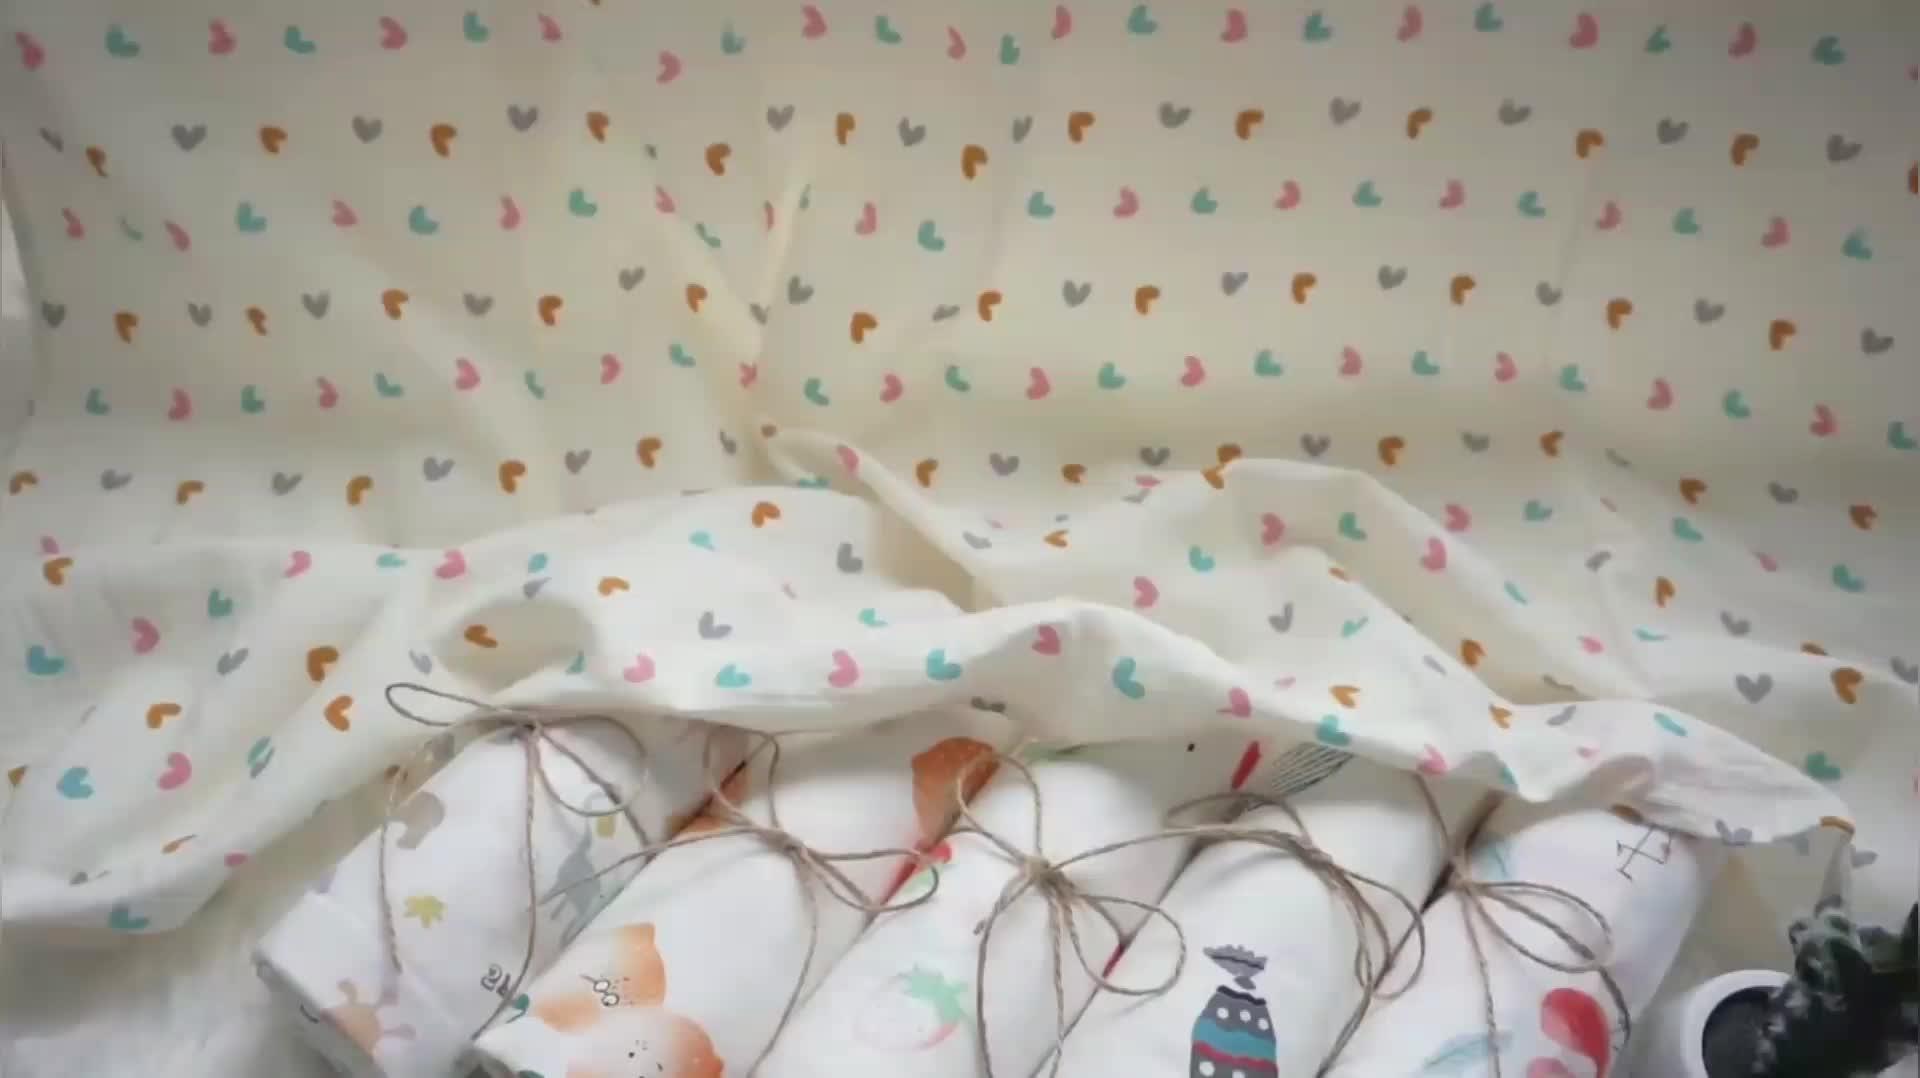 Phong Cách Hiện Đại Cotton Hữu Cơ Muslin Baby Swaddle Bọc Tùy Chỉnh Bé Chăn In Ấn